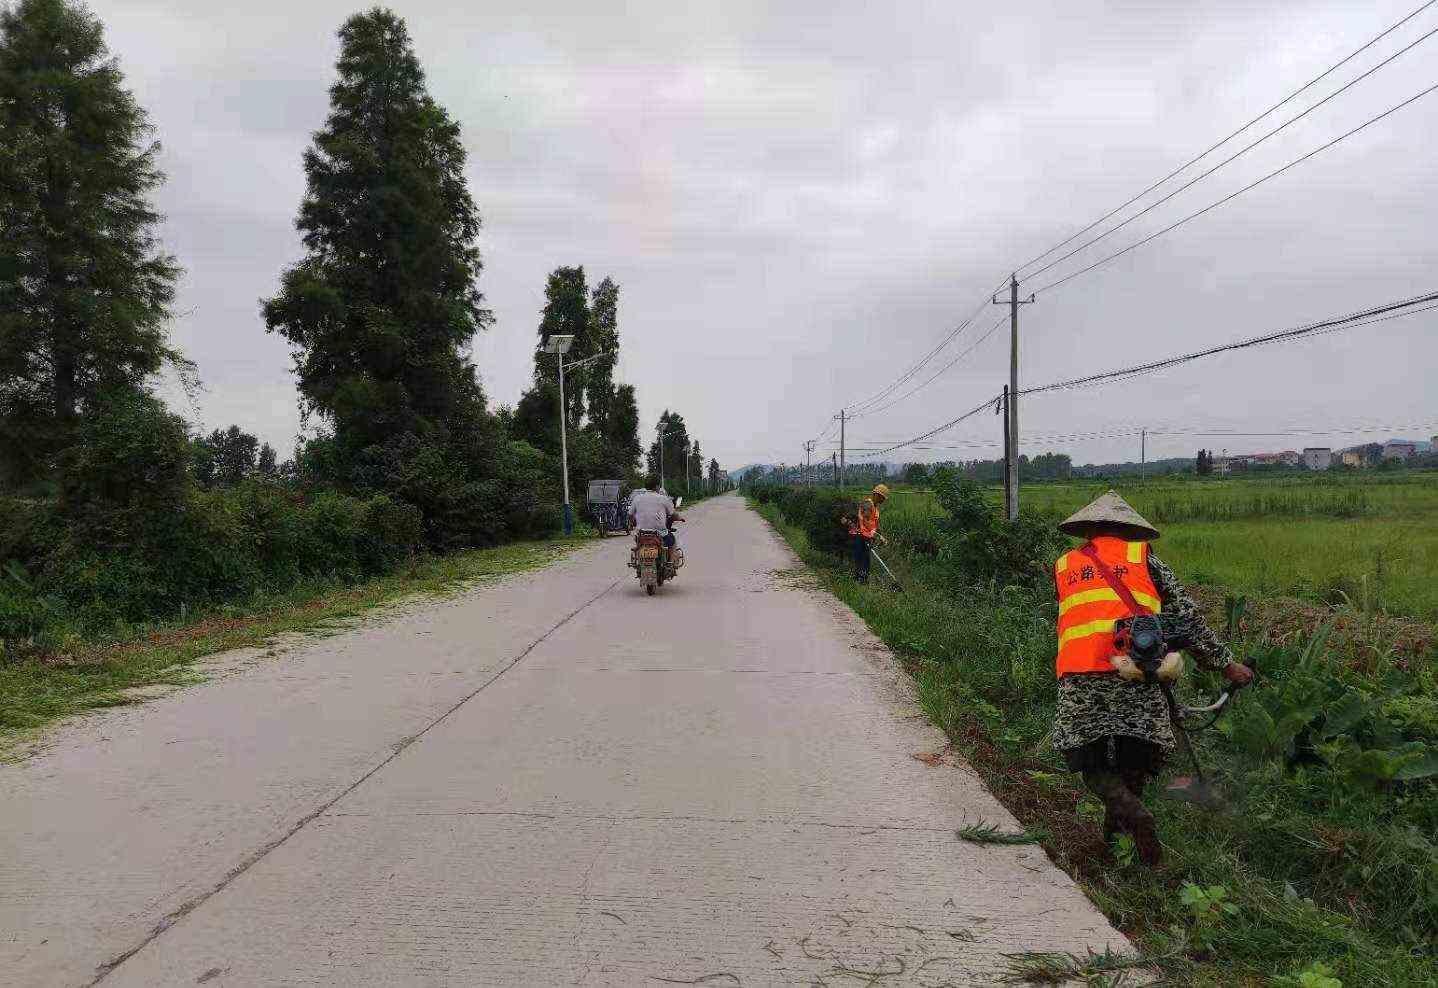 芦洲乡:清理道路两侧杂草 确保交通安全